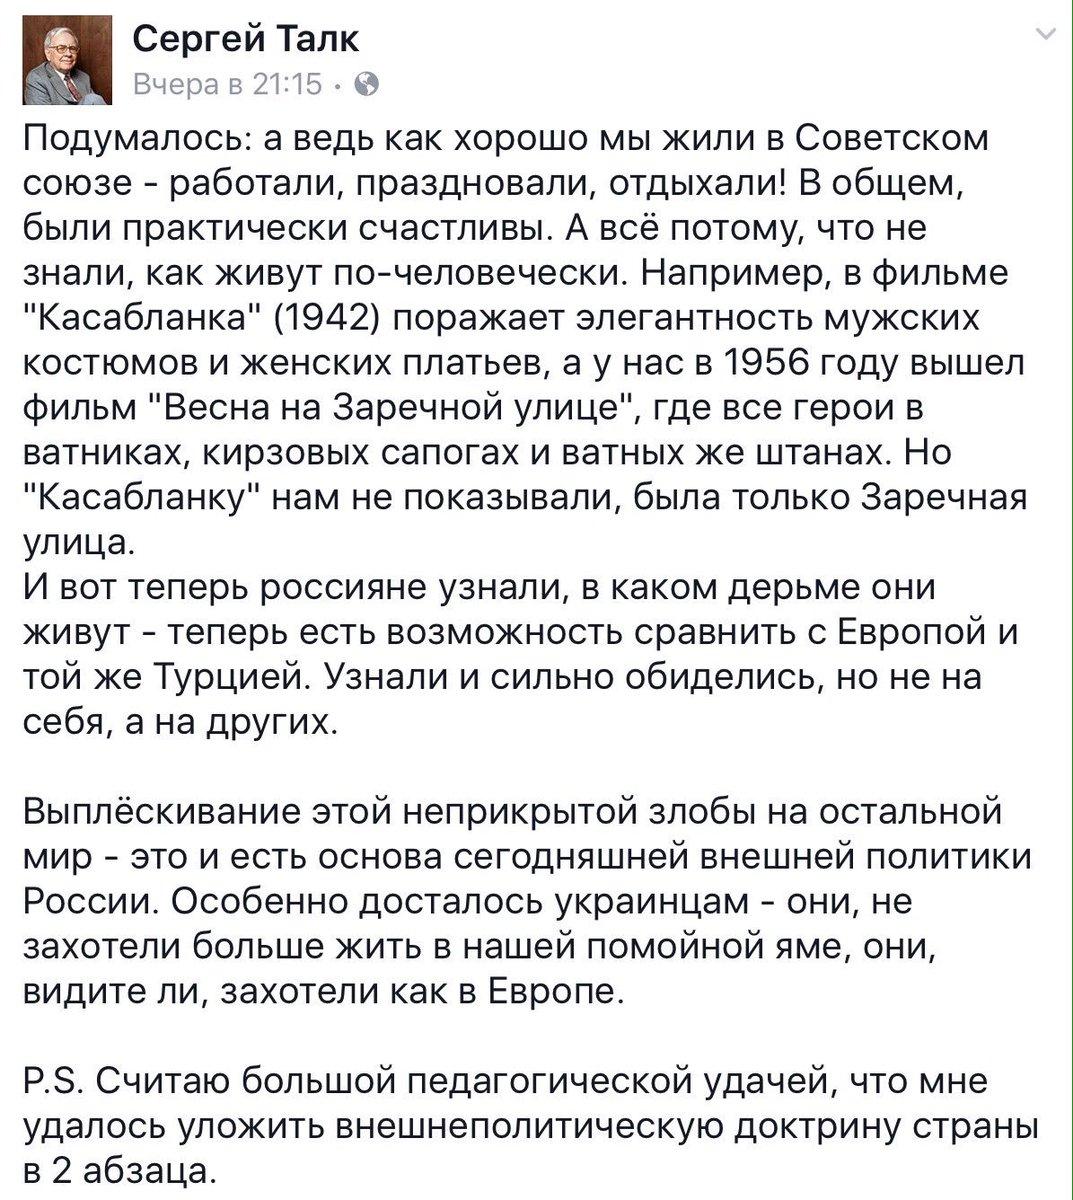 Вице-президент США Джо Байден прибыл в Украину - Цензор.НЕТ 4299